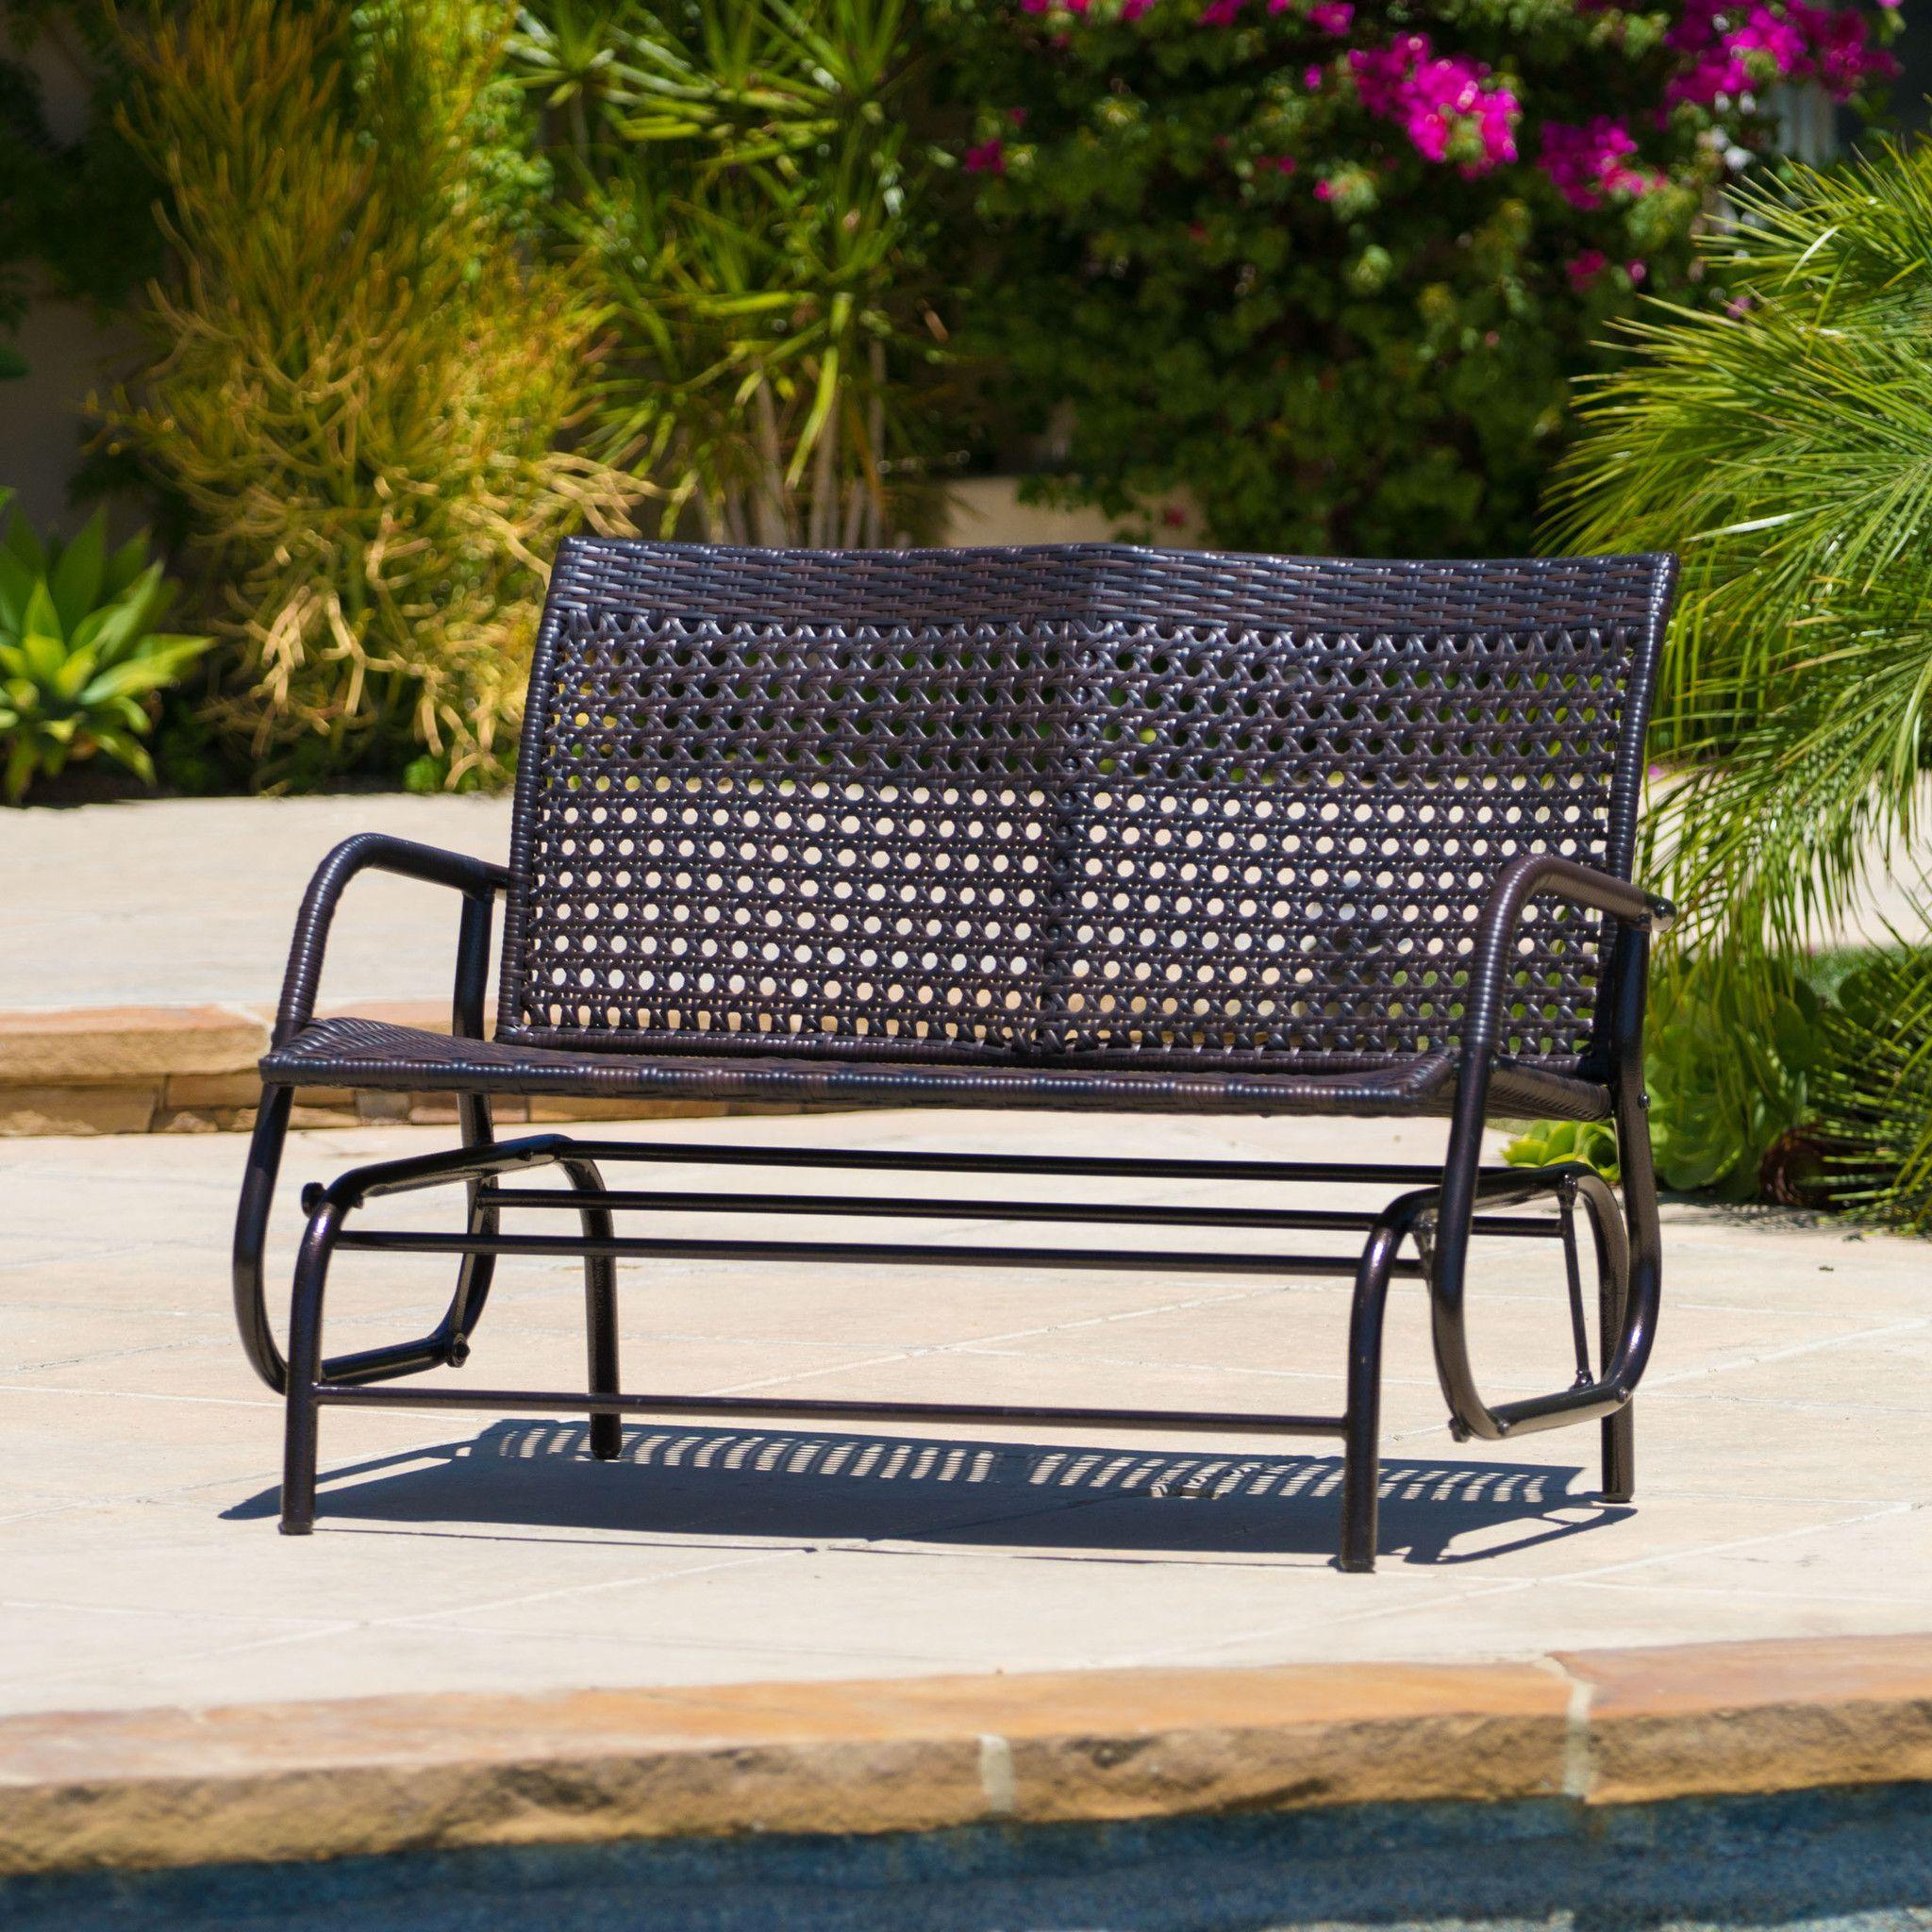 Burbank Outdoor Brown Wicker Glider Bench Outdoor Glider Metal Outdoor Furniture Outdoor Loveseat